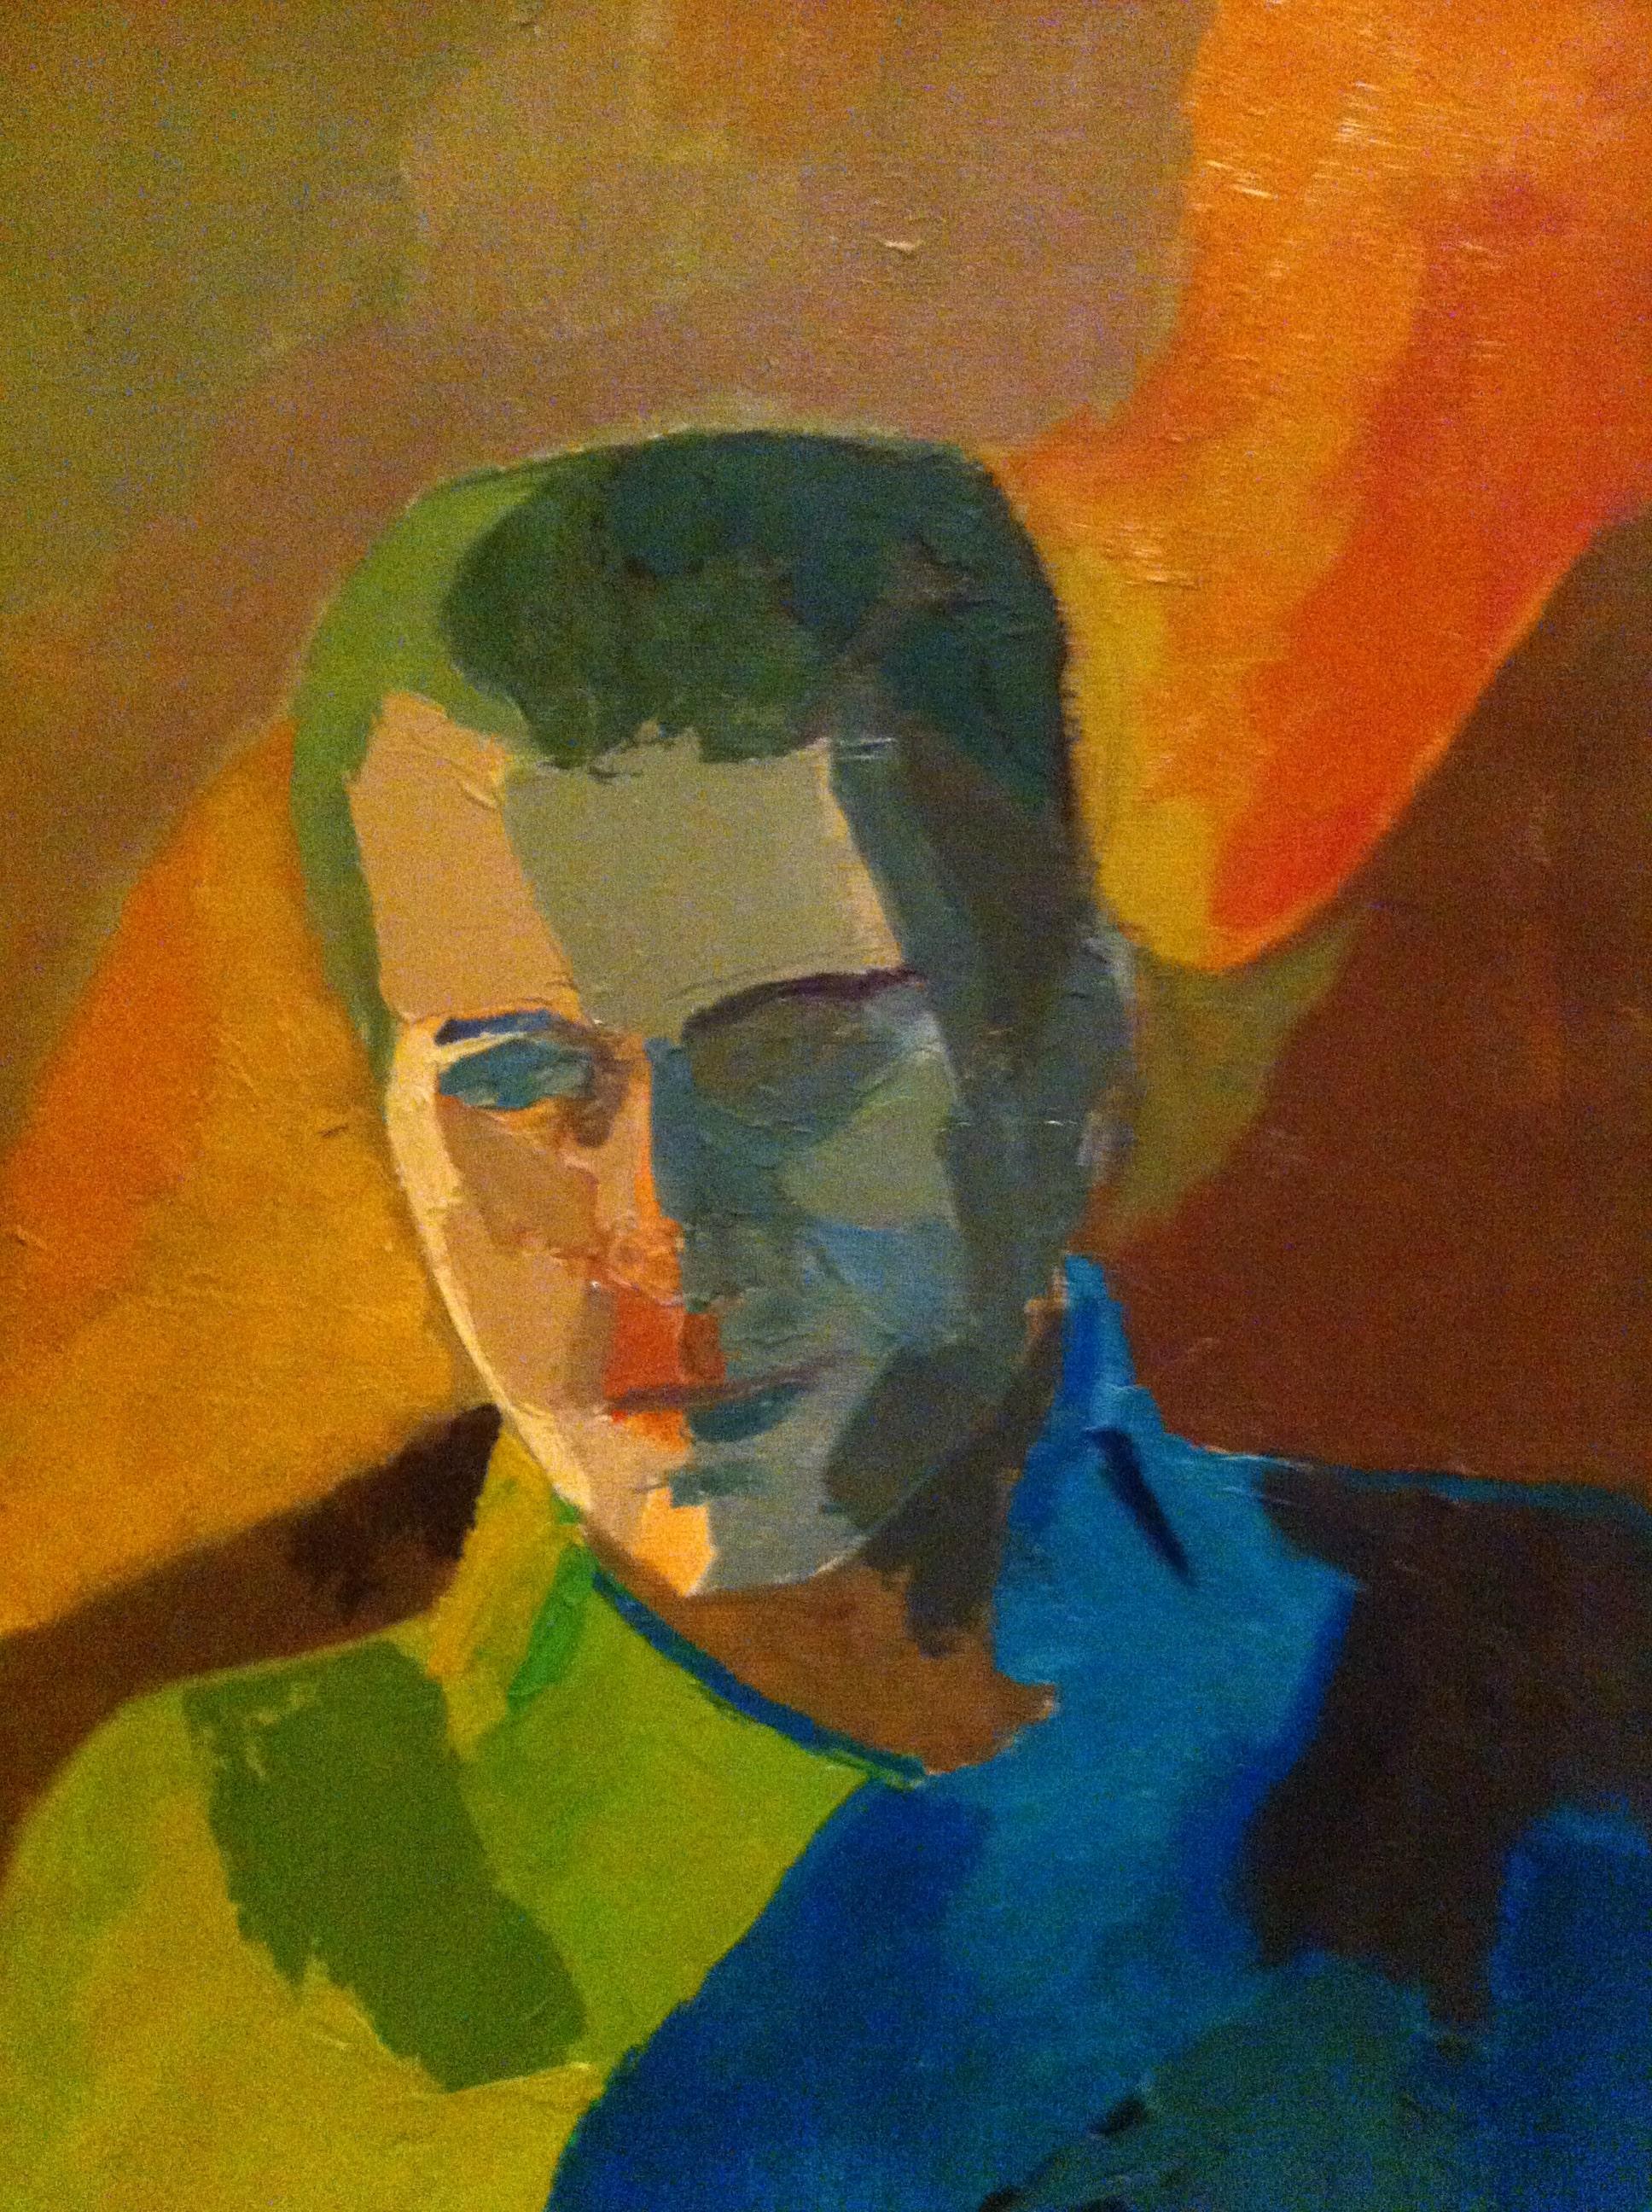 Hôtes et artistes en poitou - Clive Owen, huile au couteau sur toile